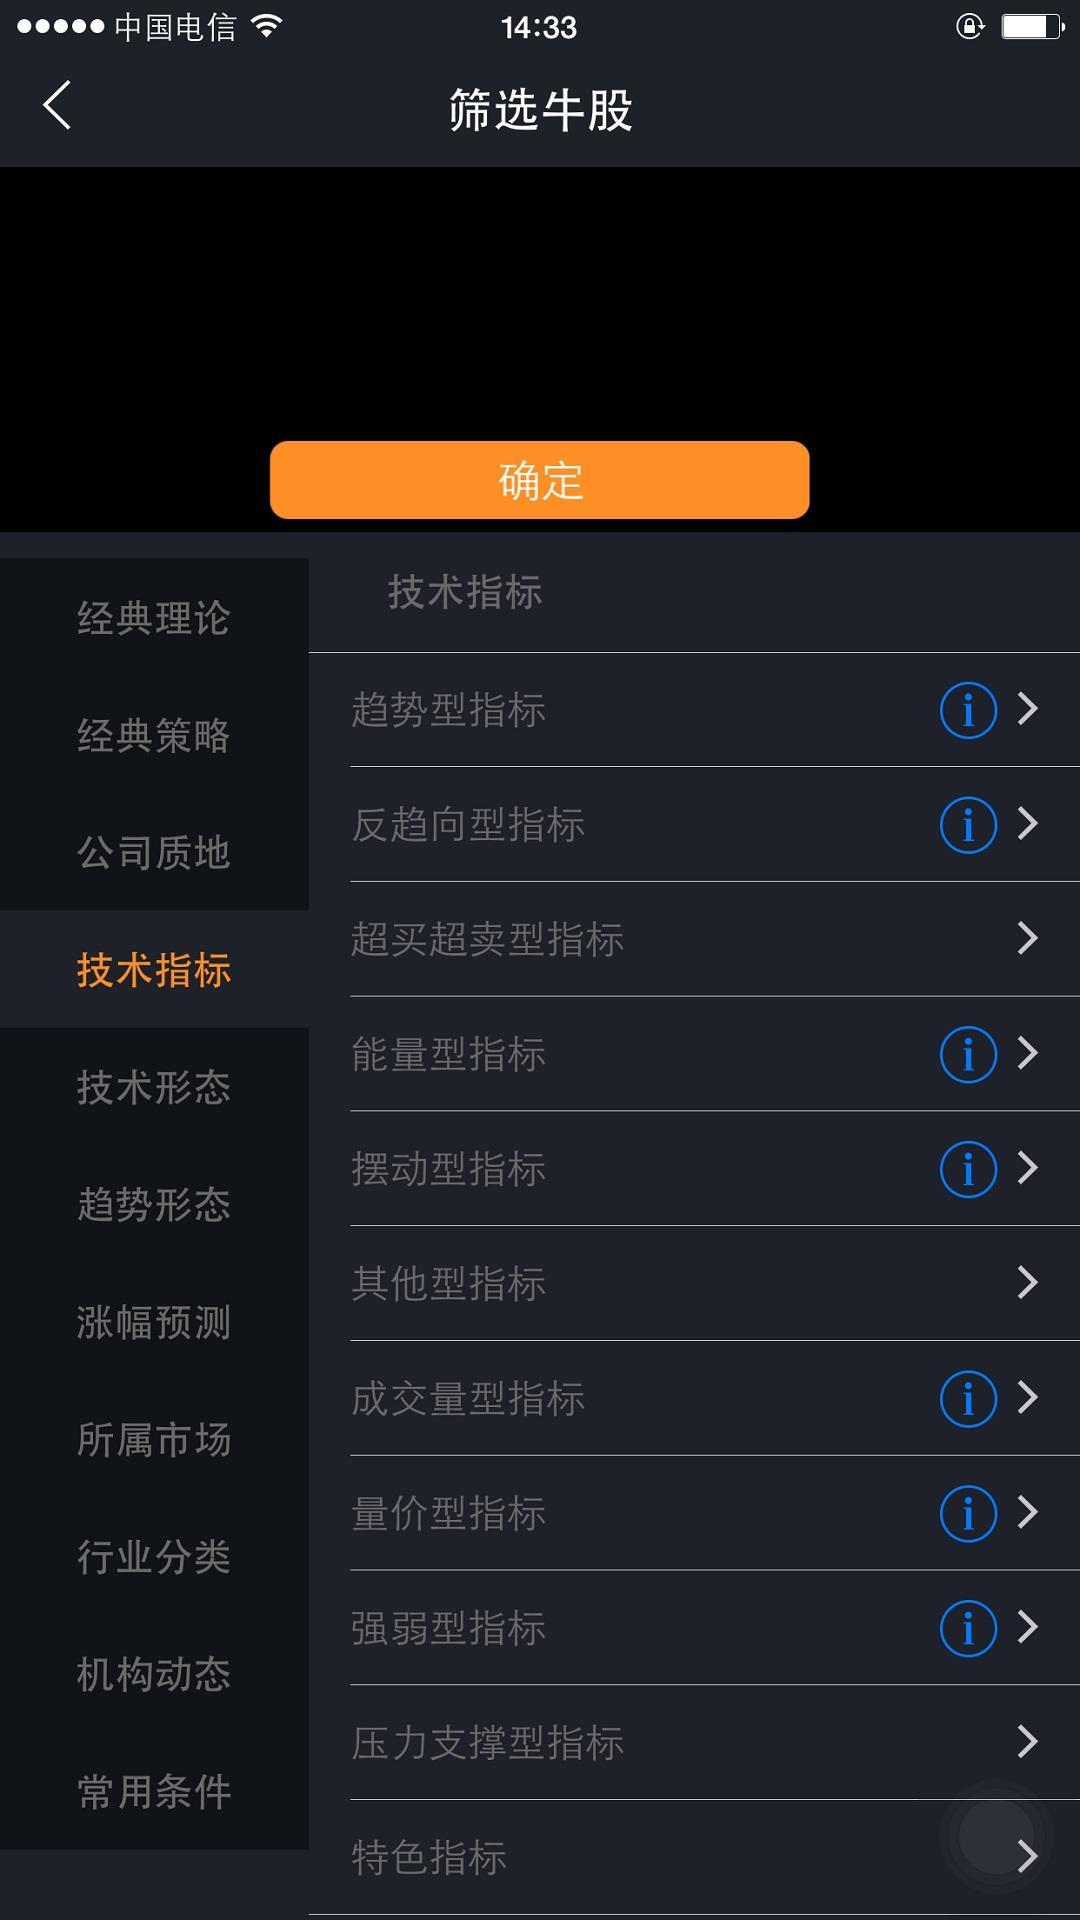 阿凡提锦囊 V2.0.2.0706 安卓版截图3